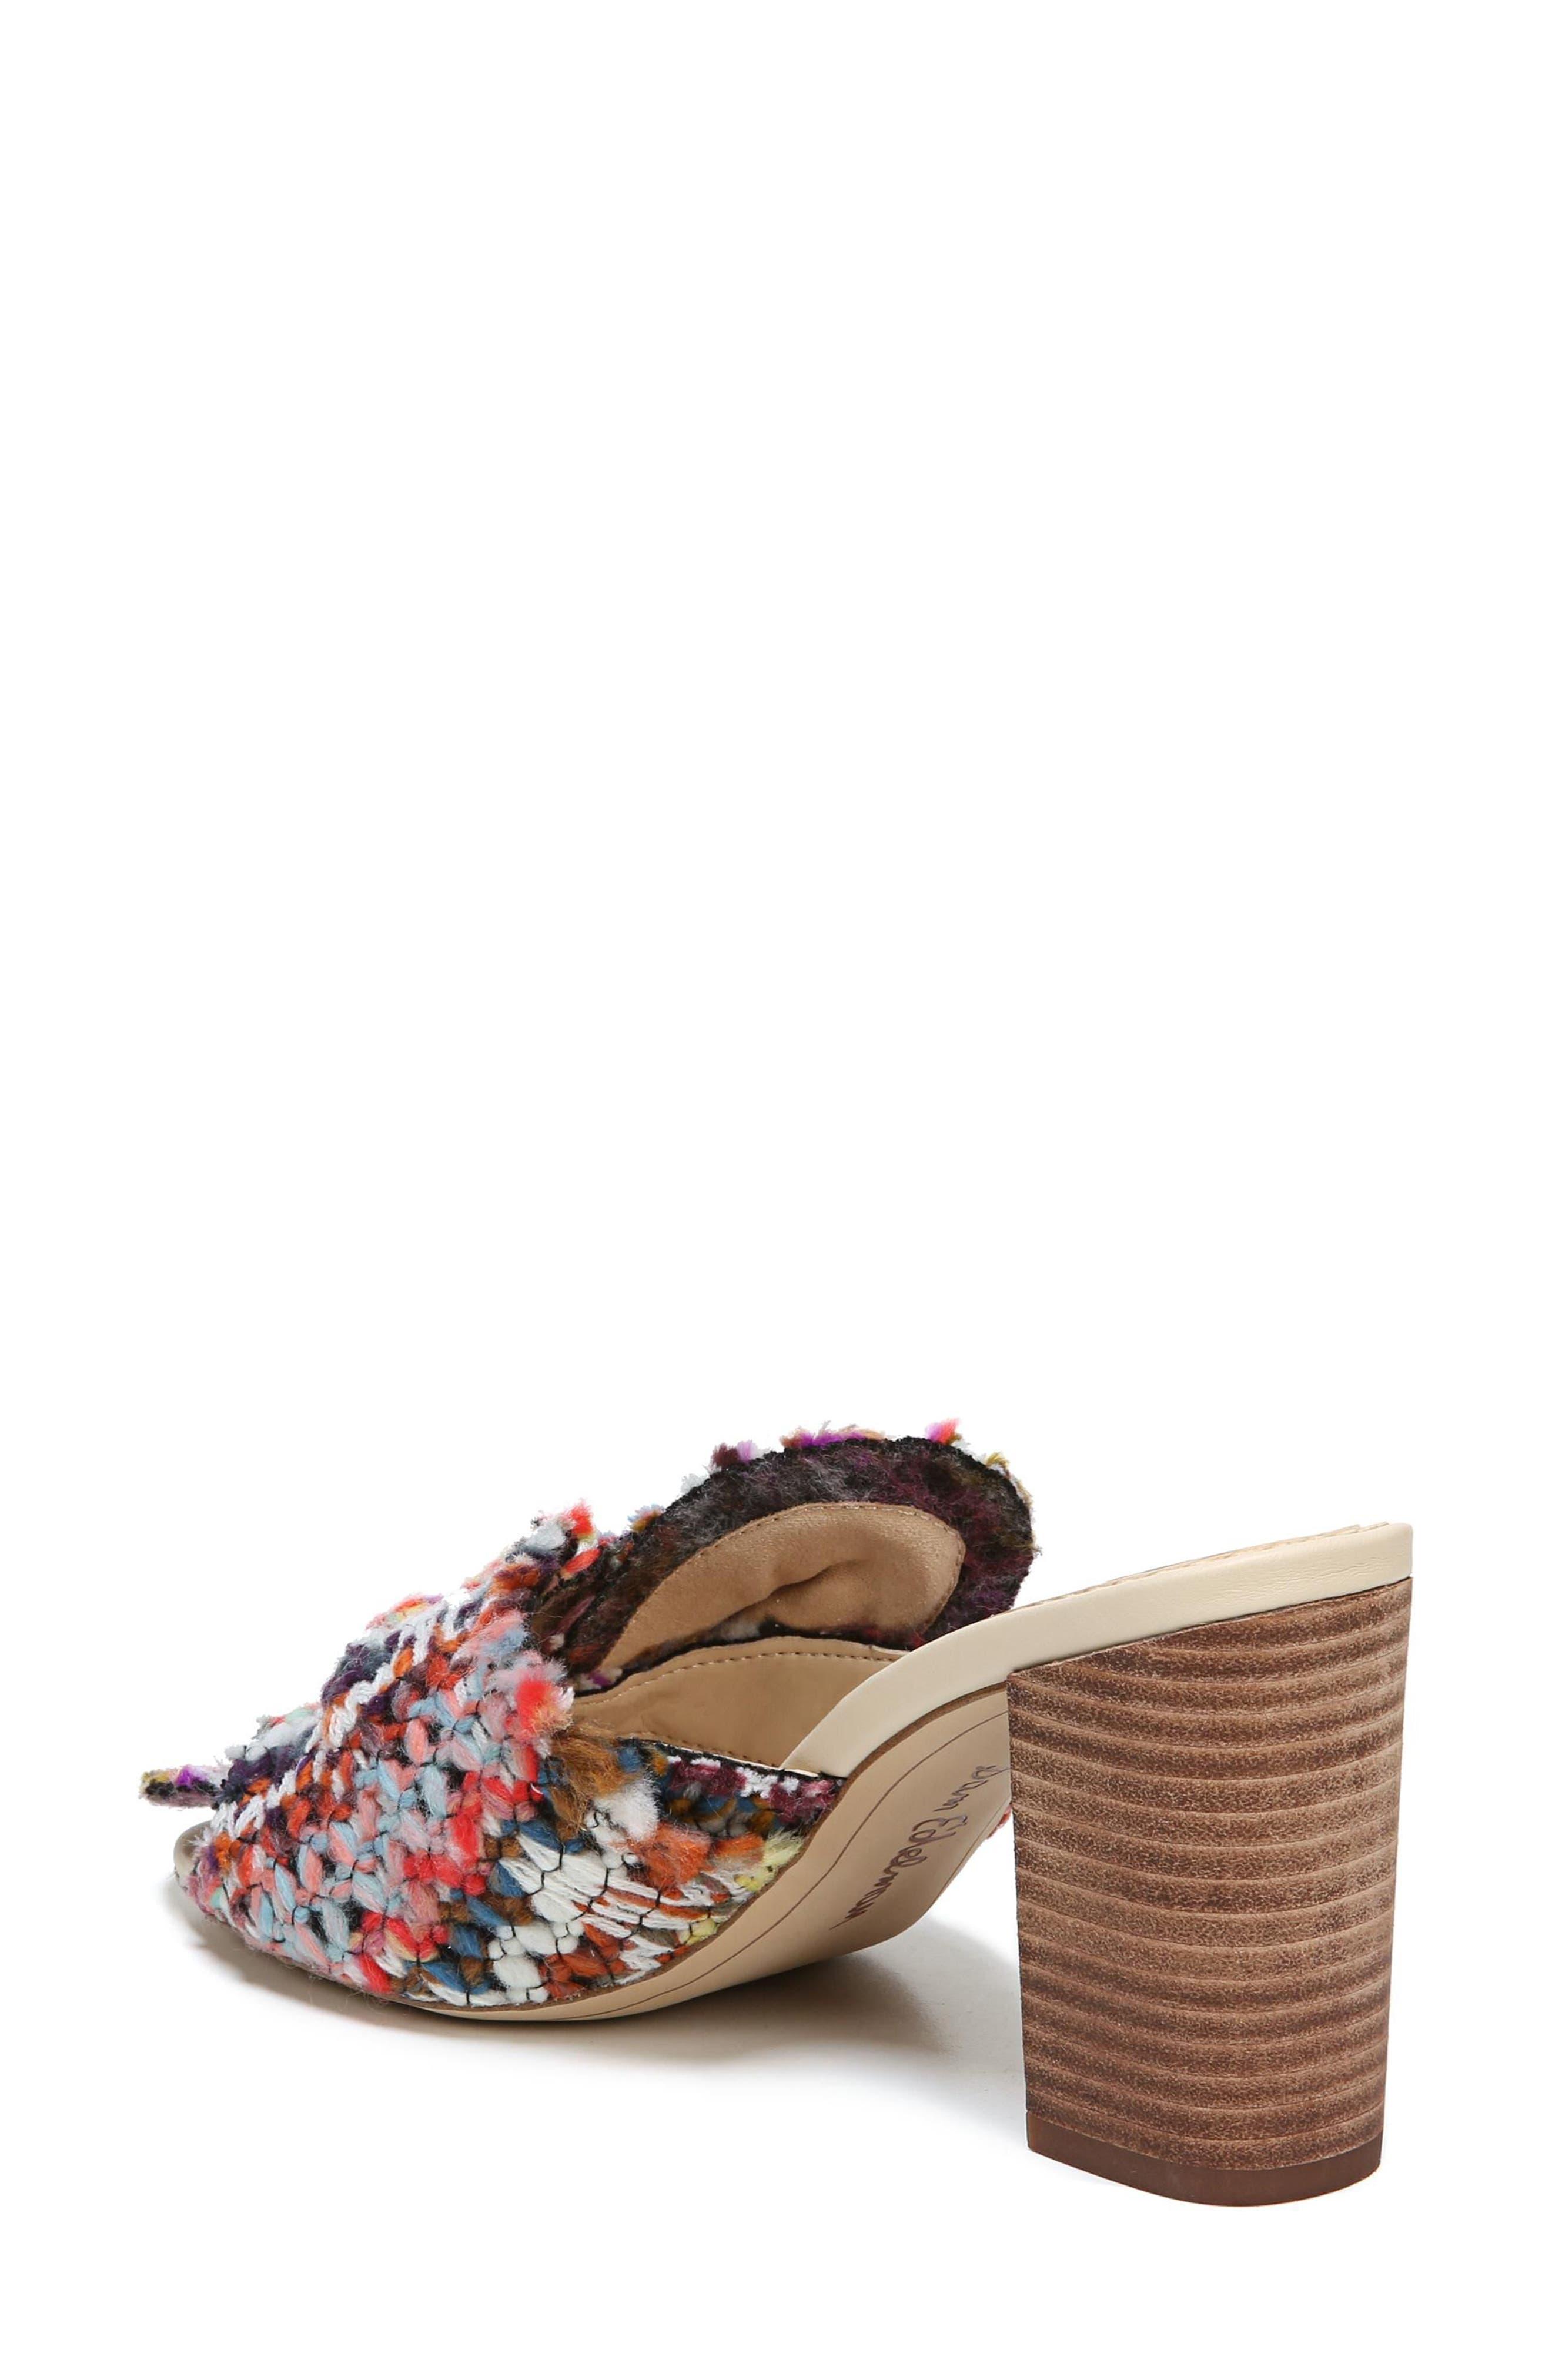 Oda Slide Sandal,                             Alternate thumbnail 2, color,                             100